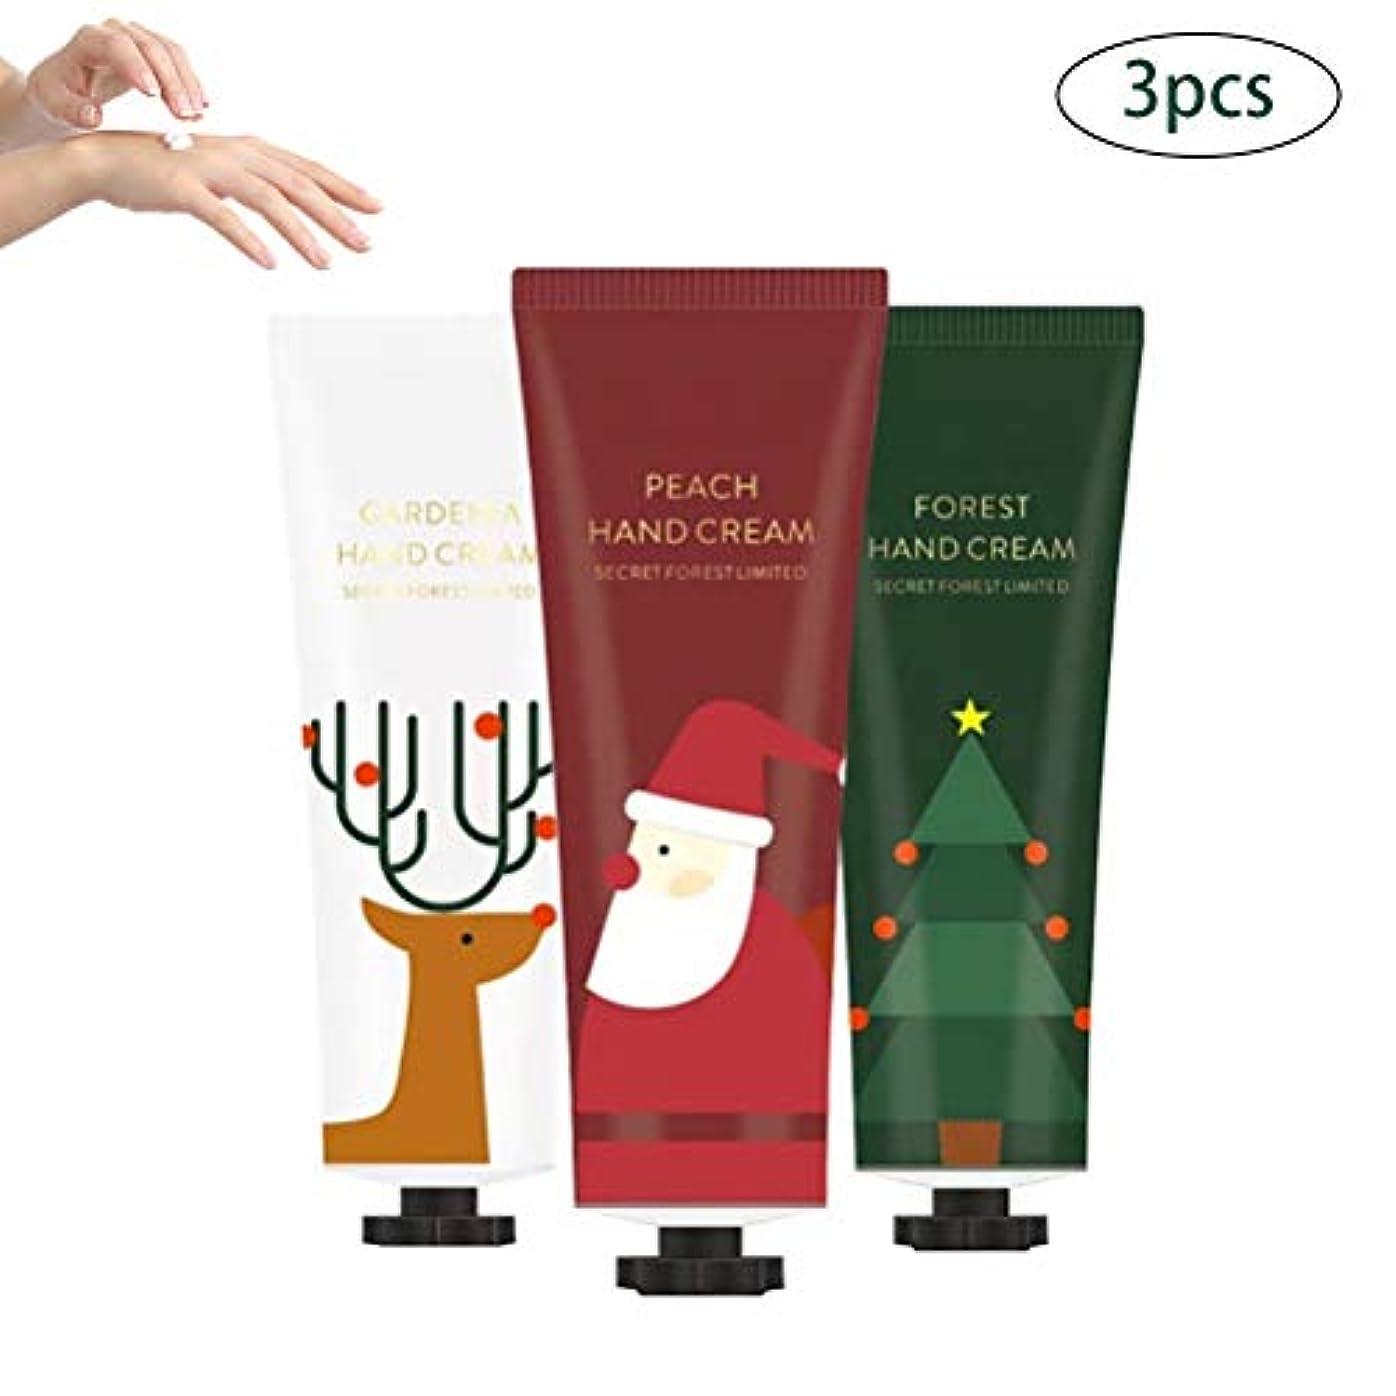 ソース刃おもちゃSanwer ハンドクリーム クリスマスセット クリスマス保湿ハンドクリーム 3PCSセット 高保湿 & 爪を保護 乾燥肌対策 乾燥肌 敏感肌 手荒れ防ぐ 肌荒れ 保湿 長持ち